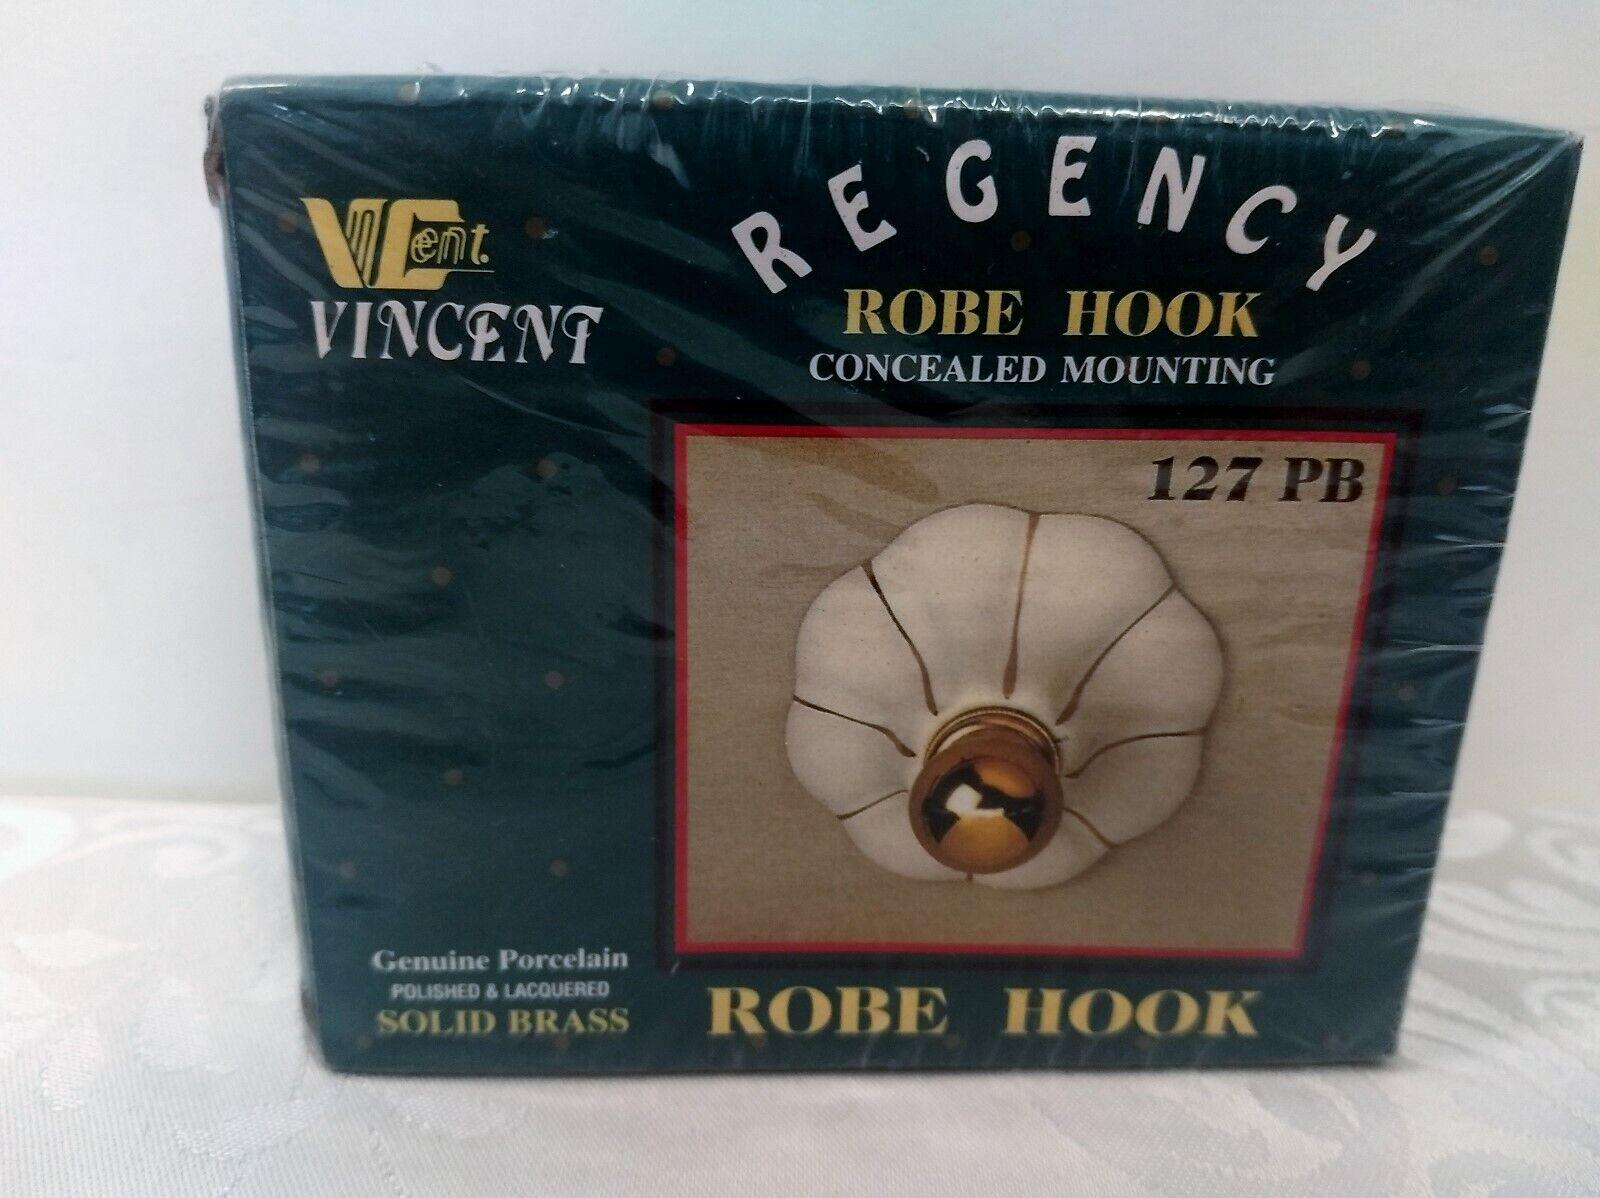 Vincent Regency Robe Towel Hook Solid Brass White Genuine Porcelain NEW!